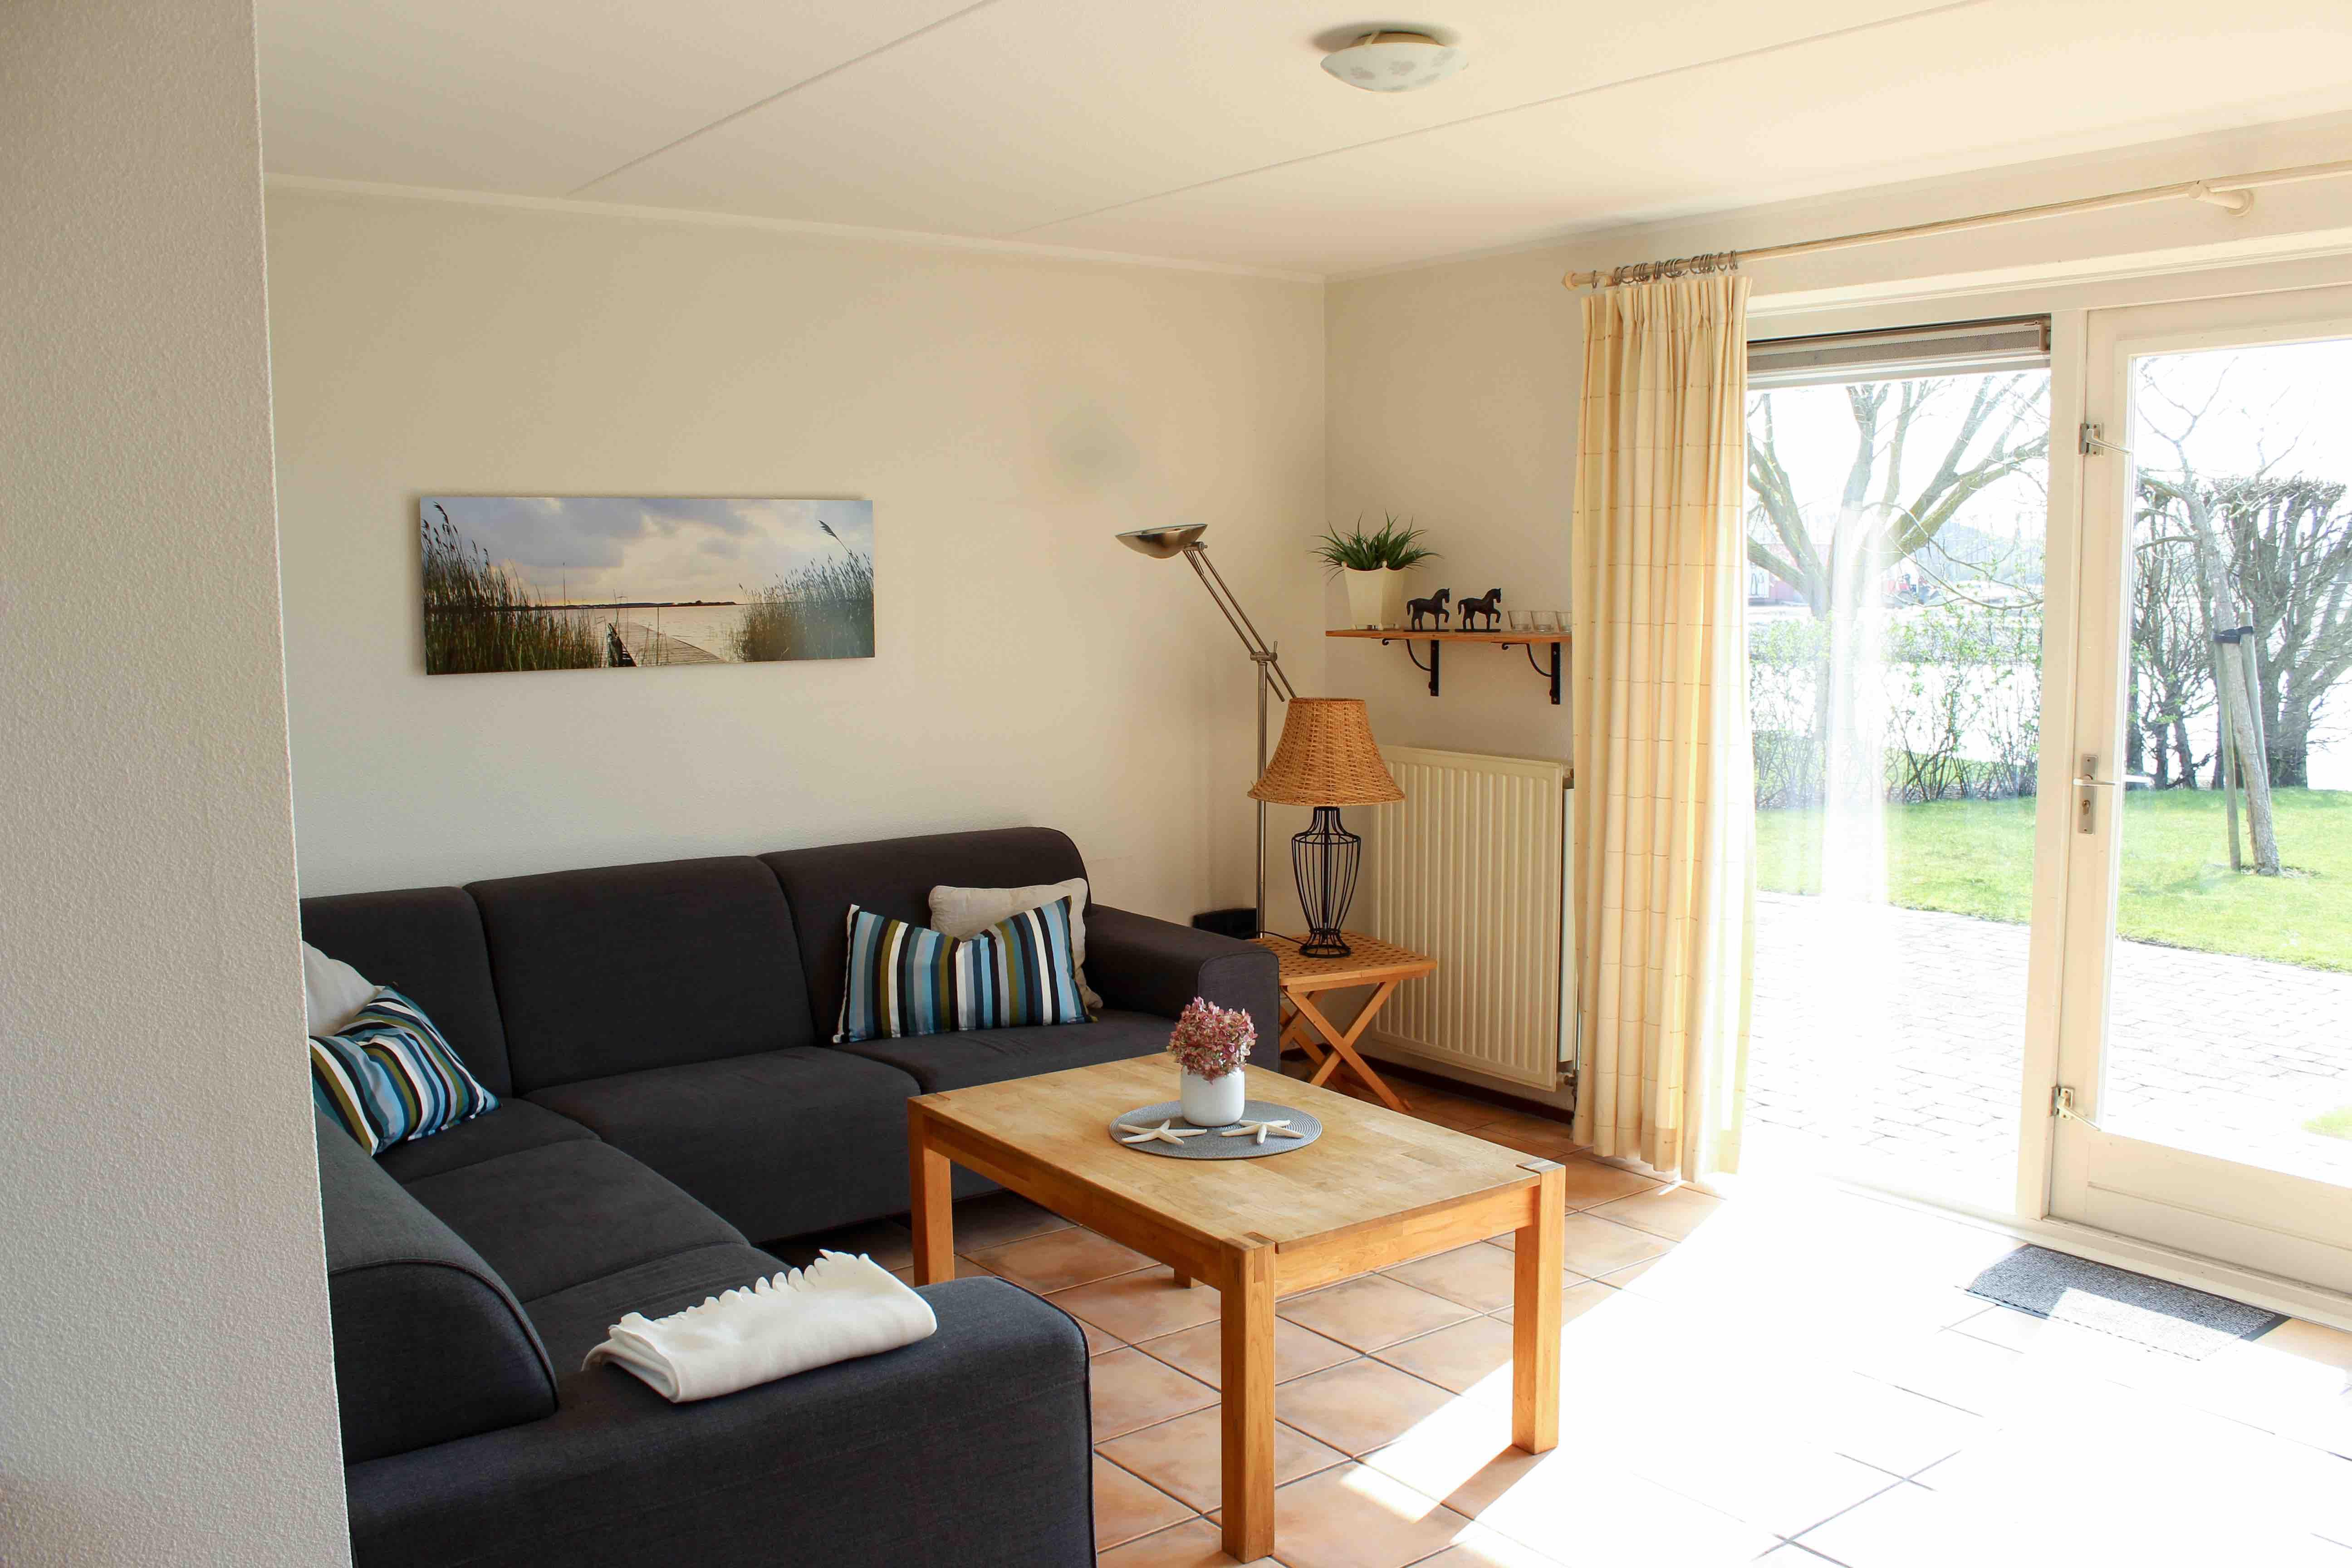 Scheldeveste 61, Breskens, Zeeland (Niederlande) - Wohnräume